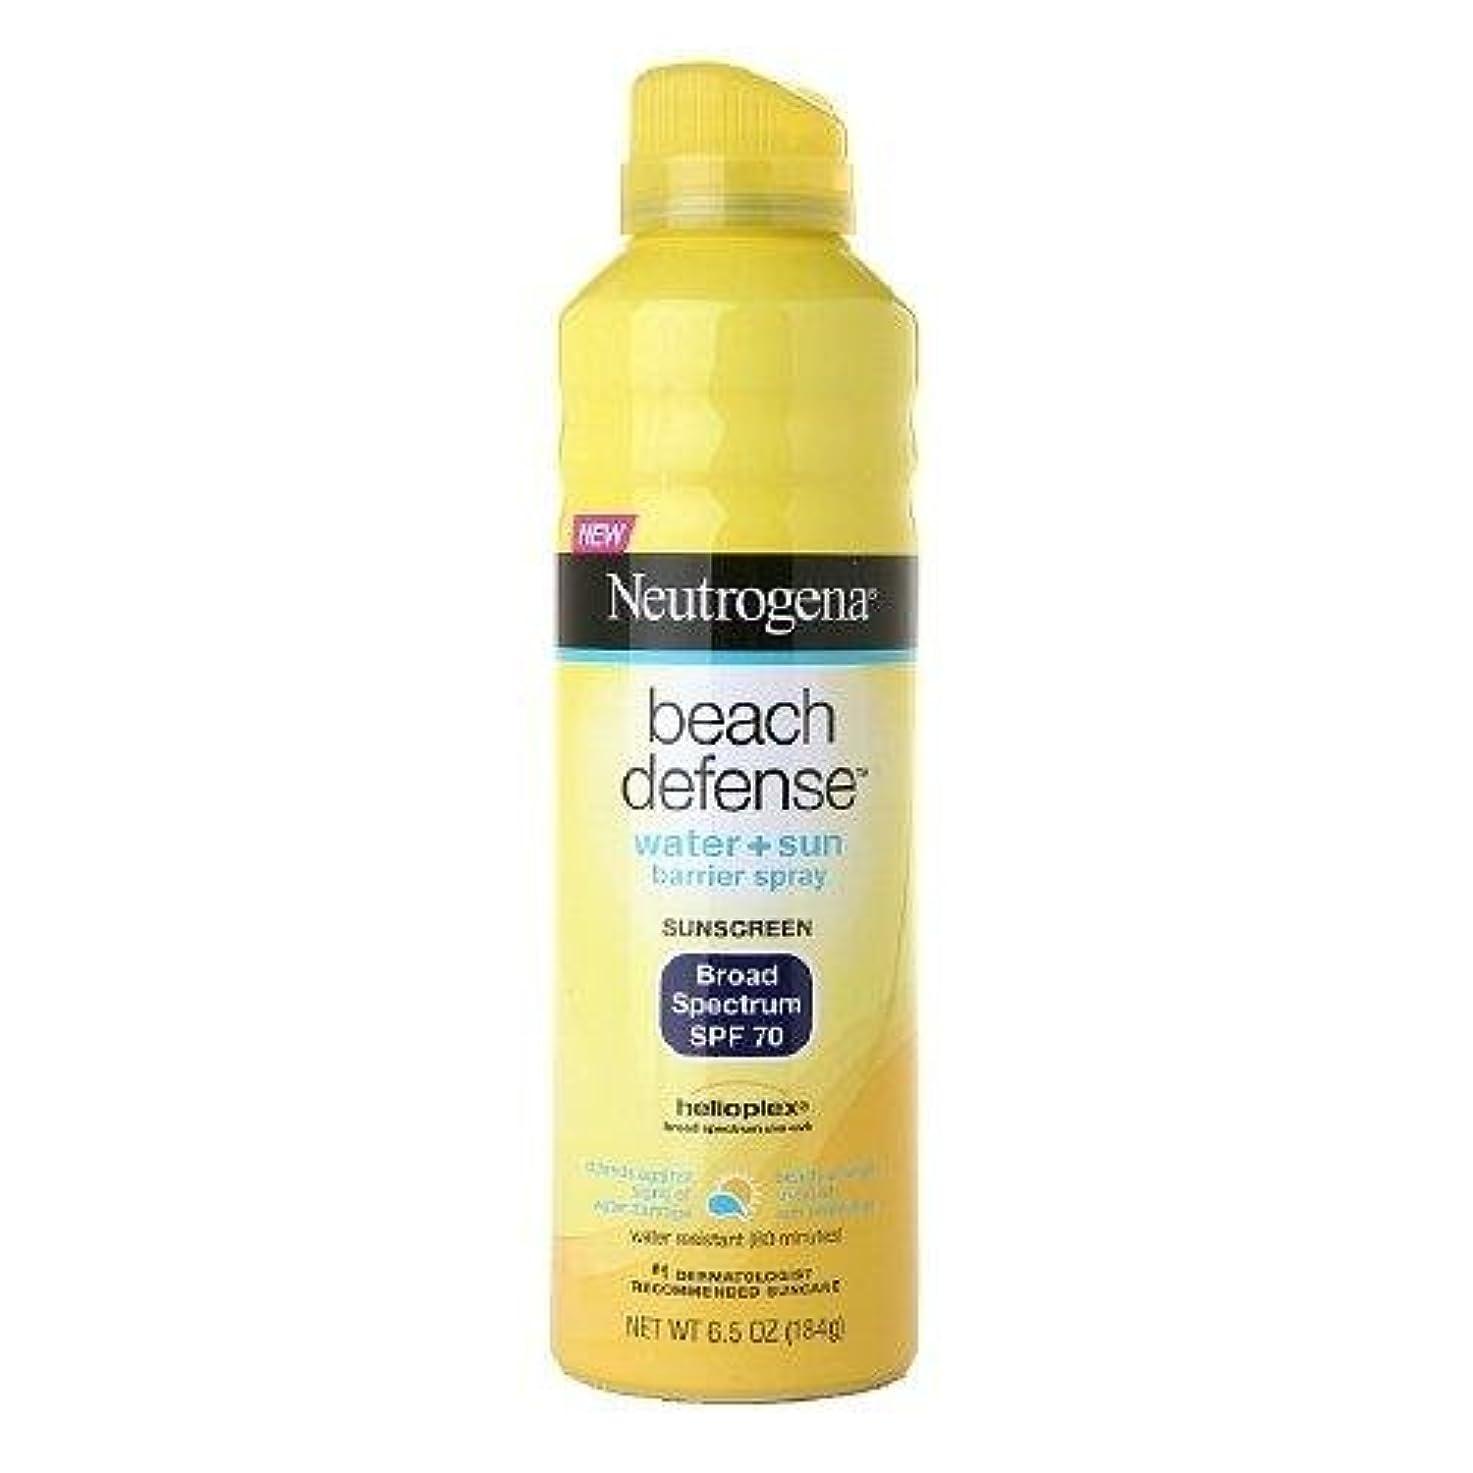 関与するカーペットインシュレータ【海外直送品】 ニュートロジーナ 皮膚科推薦 日焼け止めスプレー SPF70 184g  Neutrogena Beach Defense Broad Spectrum Sunscreen Spray, SPF 70,...